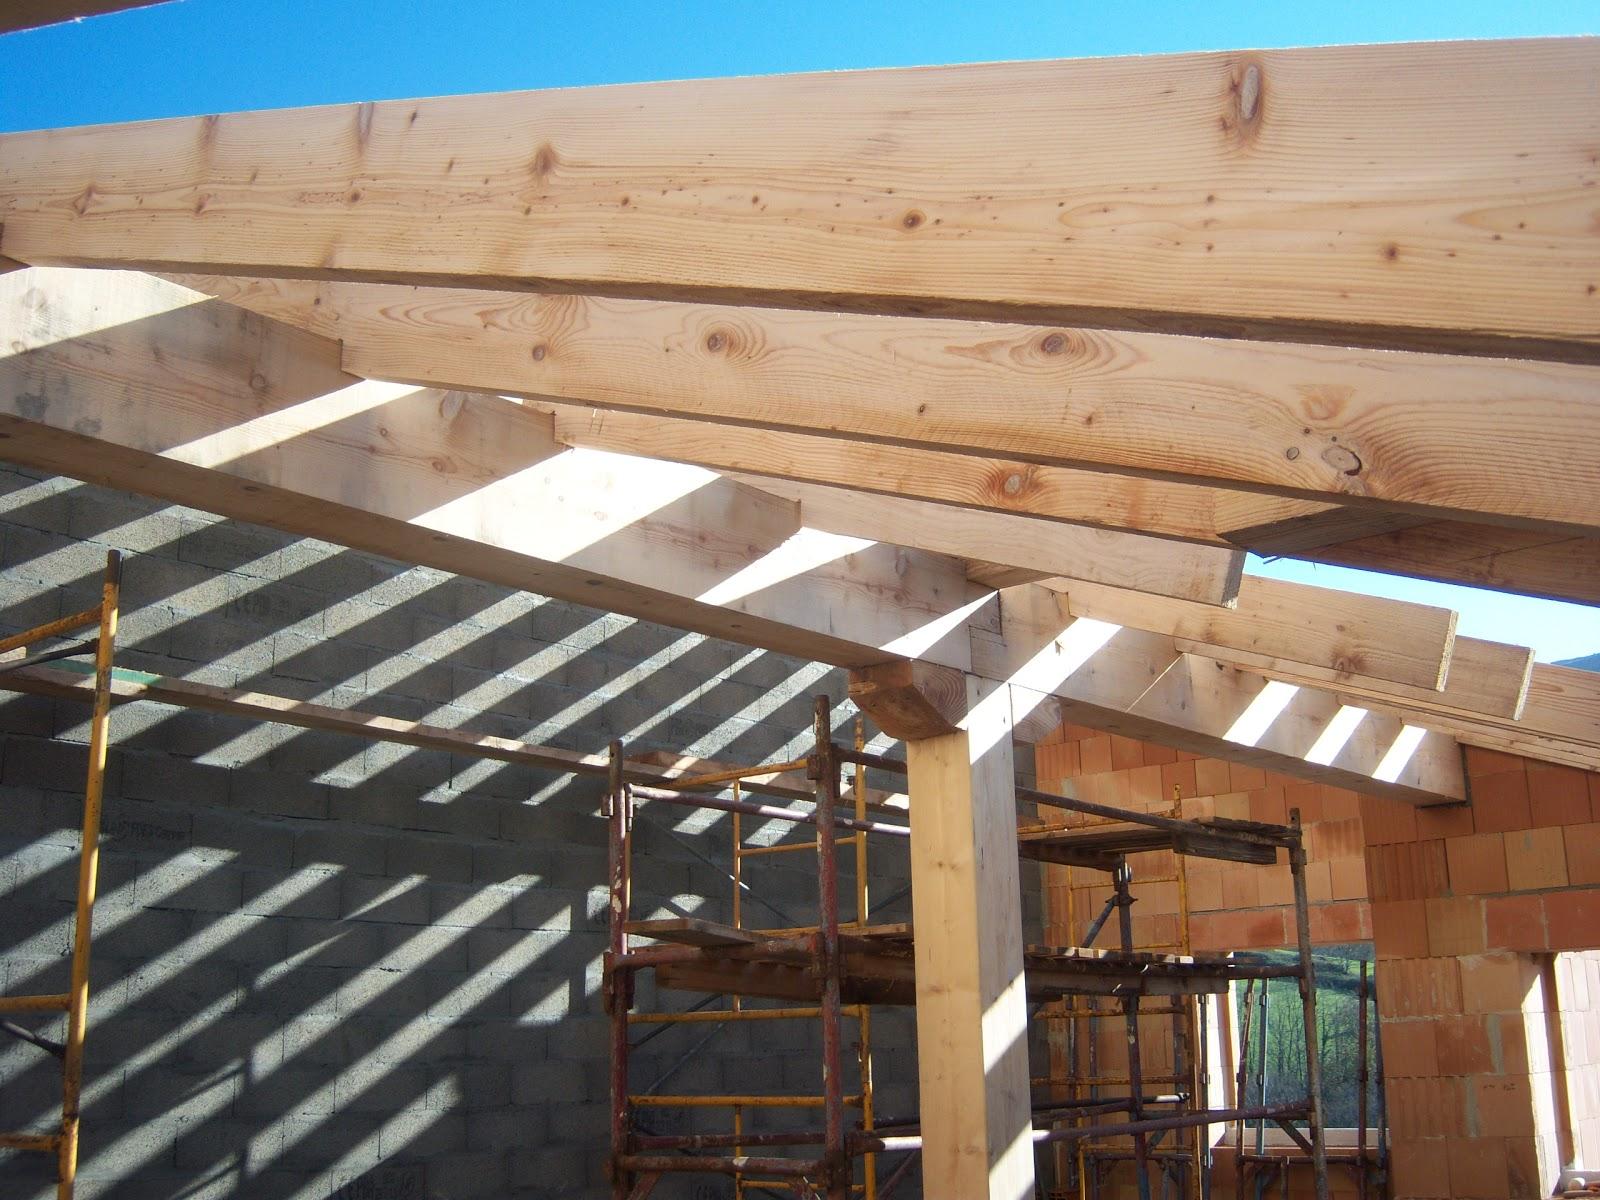 Andocarpinteando tejado con aislante de fibras de madera for Tejados de madera barcelona